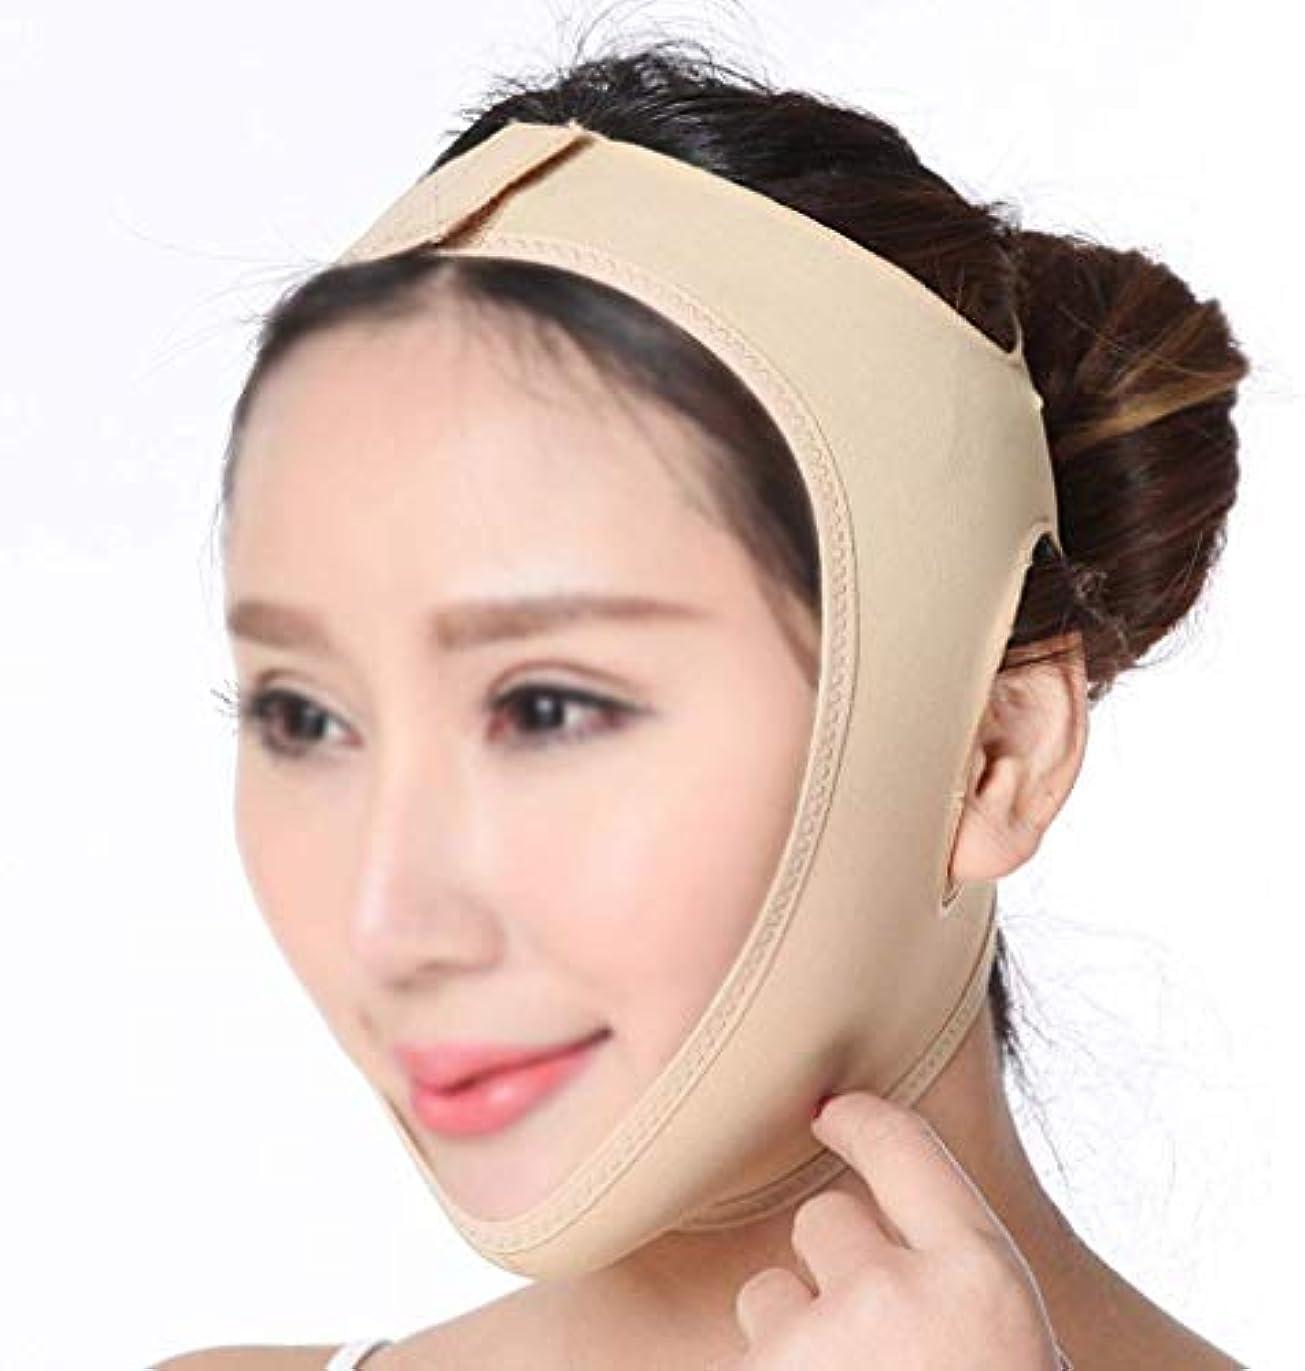 歯痛タイプ好意スリミングVフェイスマスク、顔リフティングアーティファクト、Vフェイスマスクフェイスリフティングバンデージ/フェイシャルファーミングスリミングバンデージ ダブルチン減量マスク(サイズ:L)